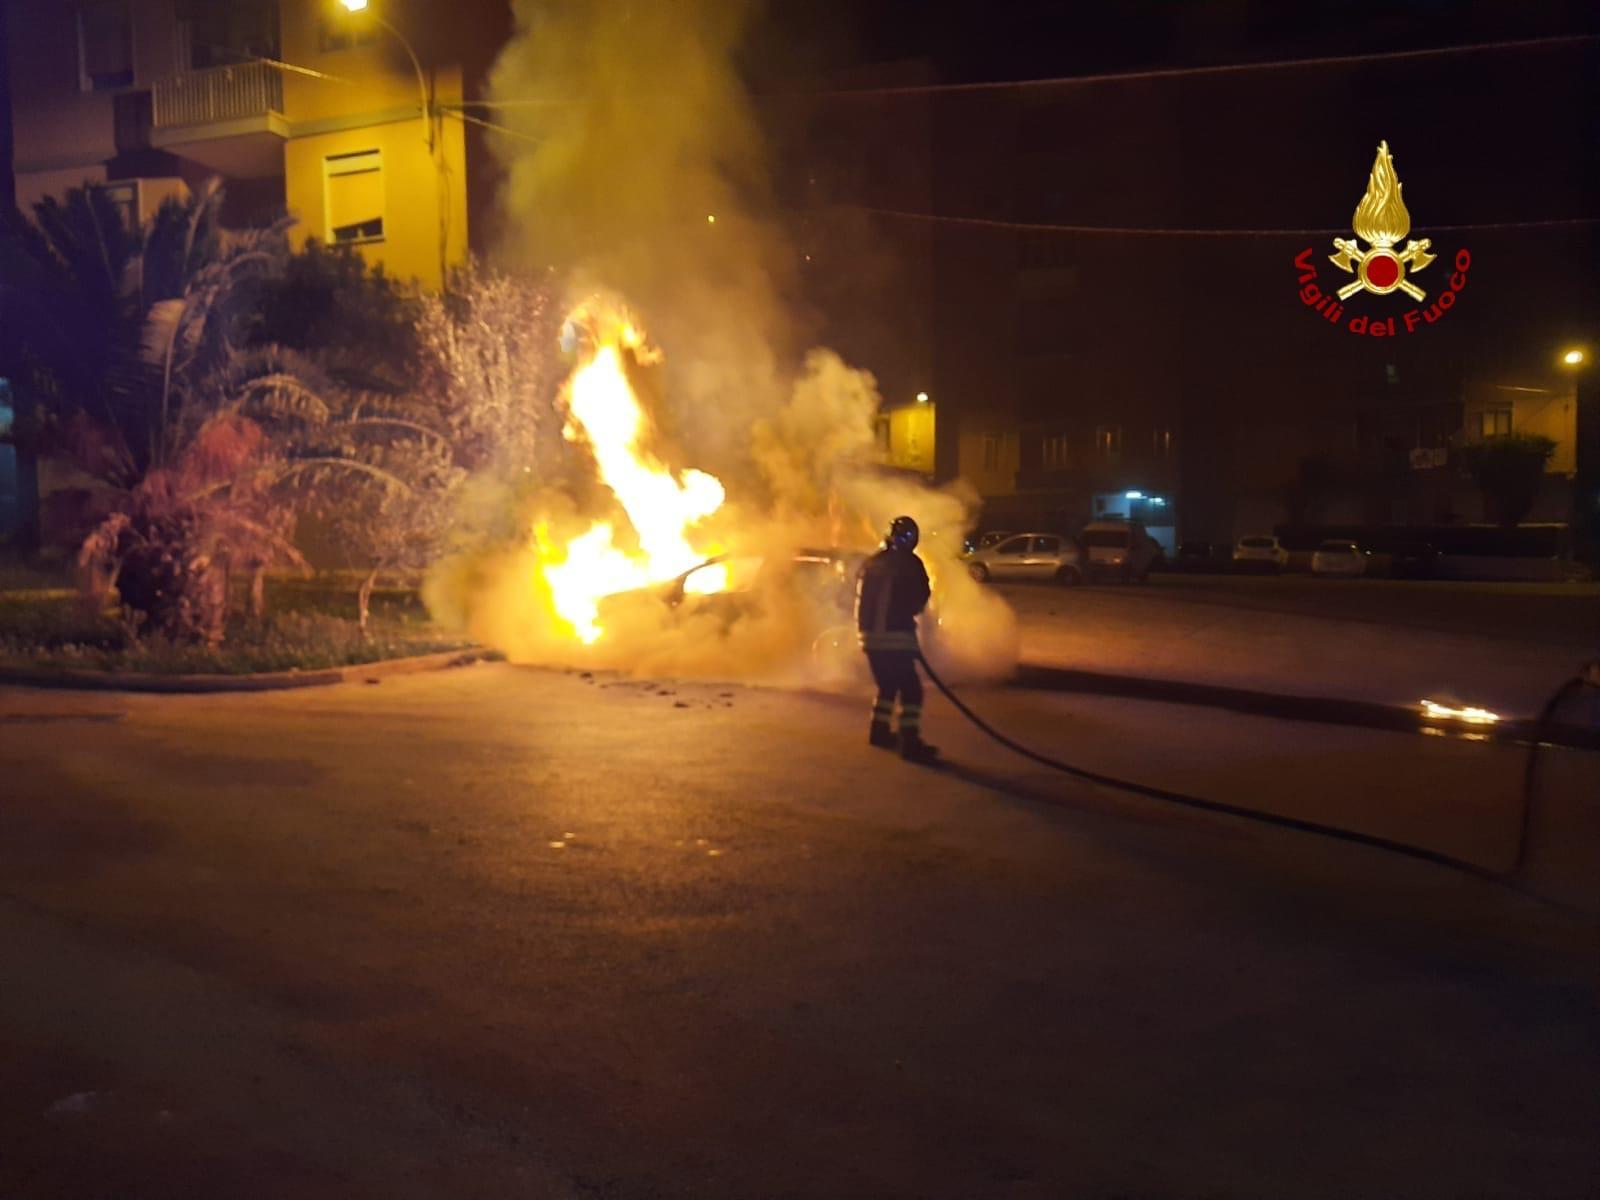 Notte di fuoco, incendio in via Luigi Cassia: auto in fiamme, le FOTO  dell'intervento dei pompieri